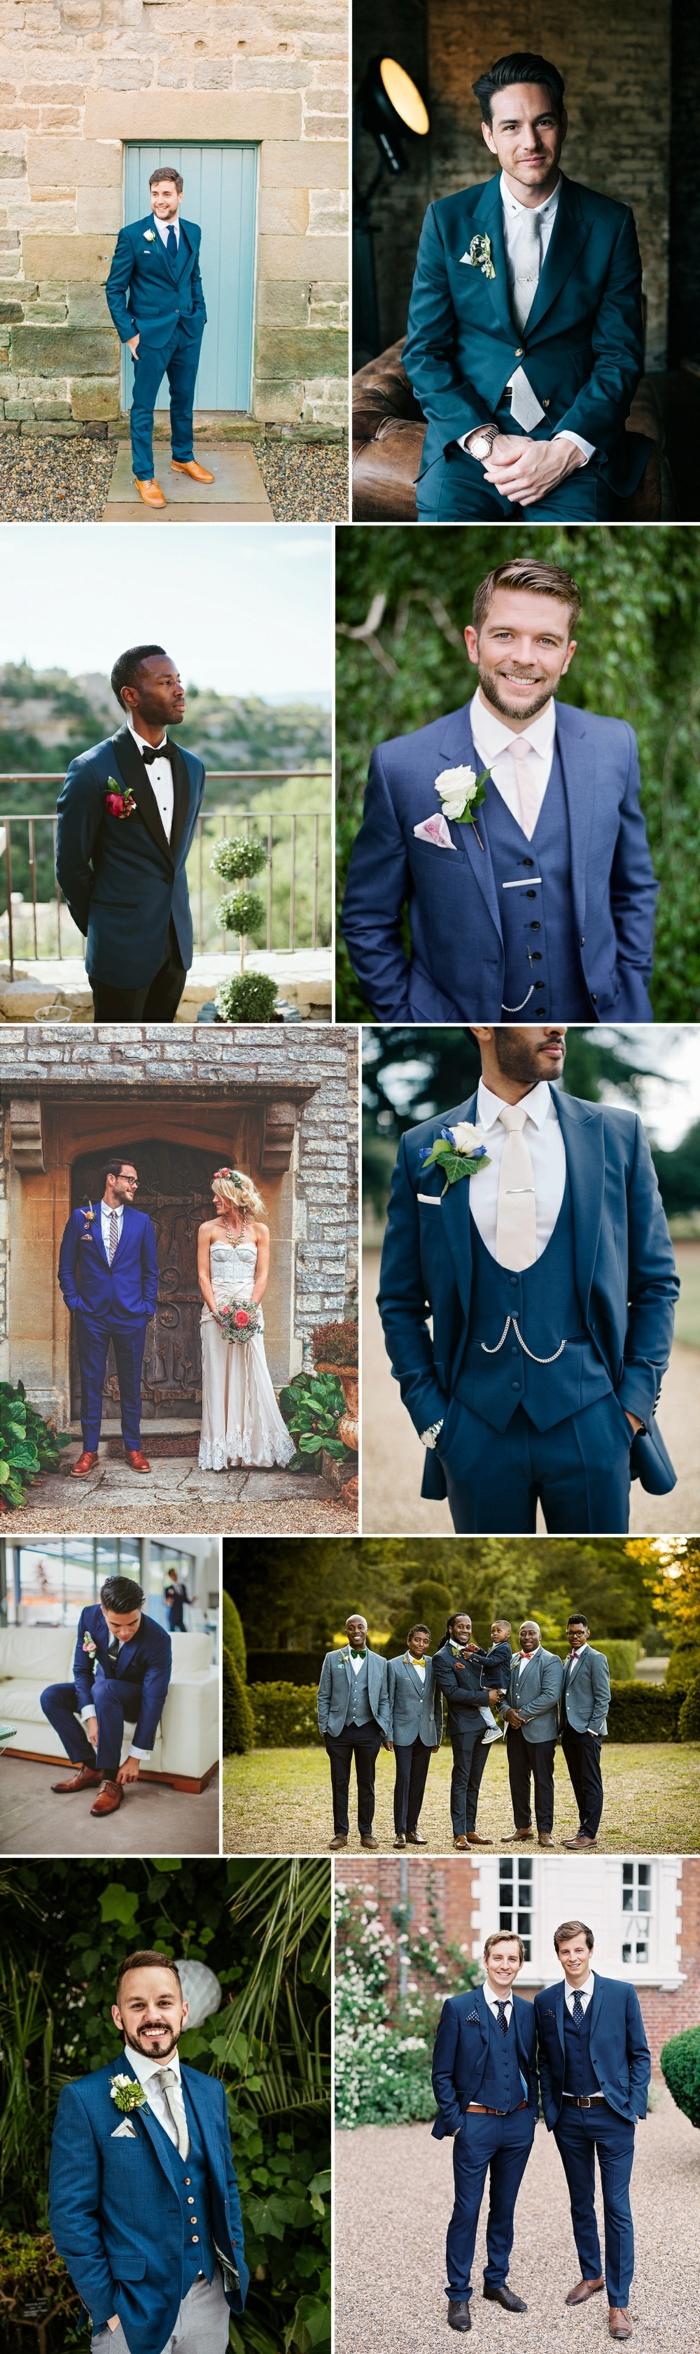 tenue homme habillée, costume bleu, chaussure marron, costume 3 pièces, idées tenue mariage